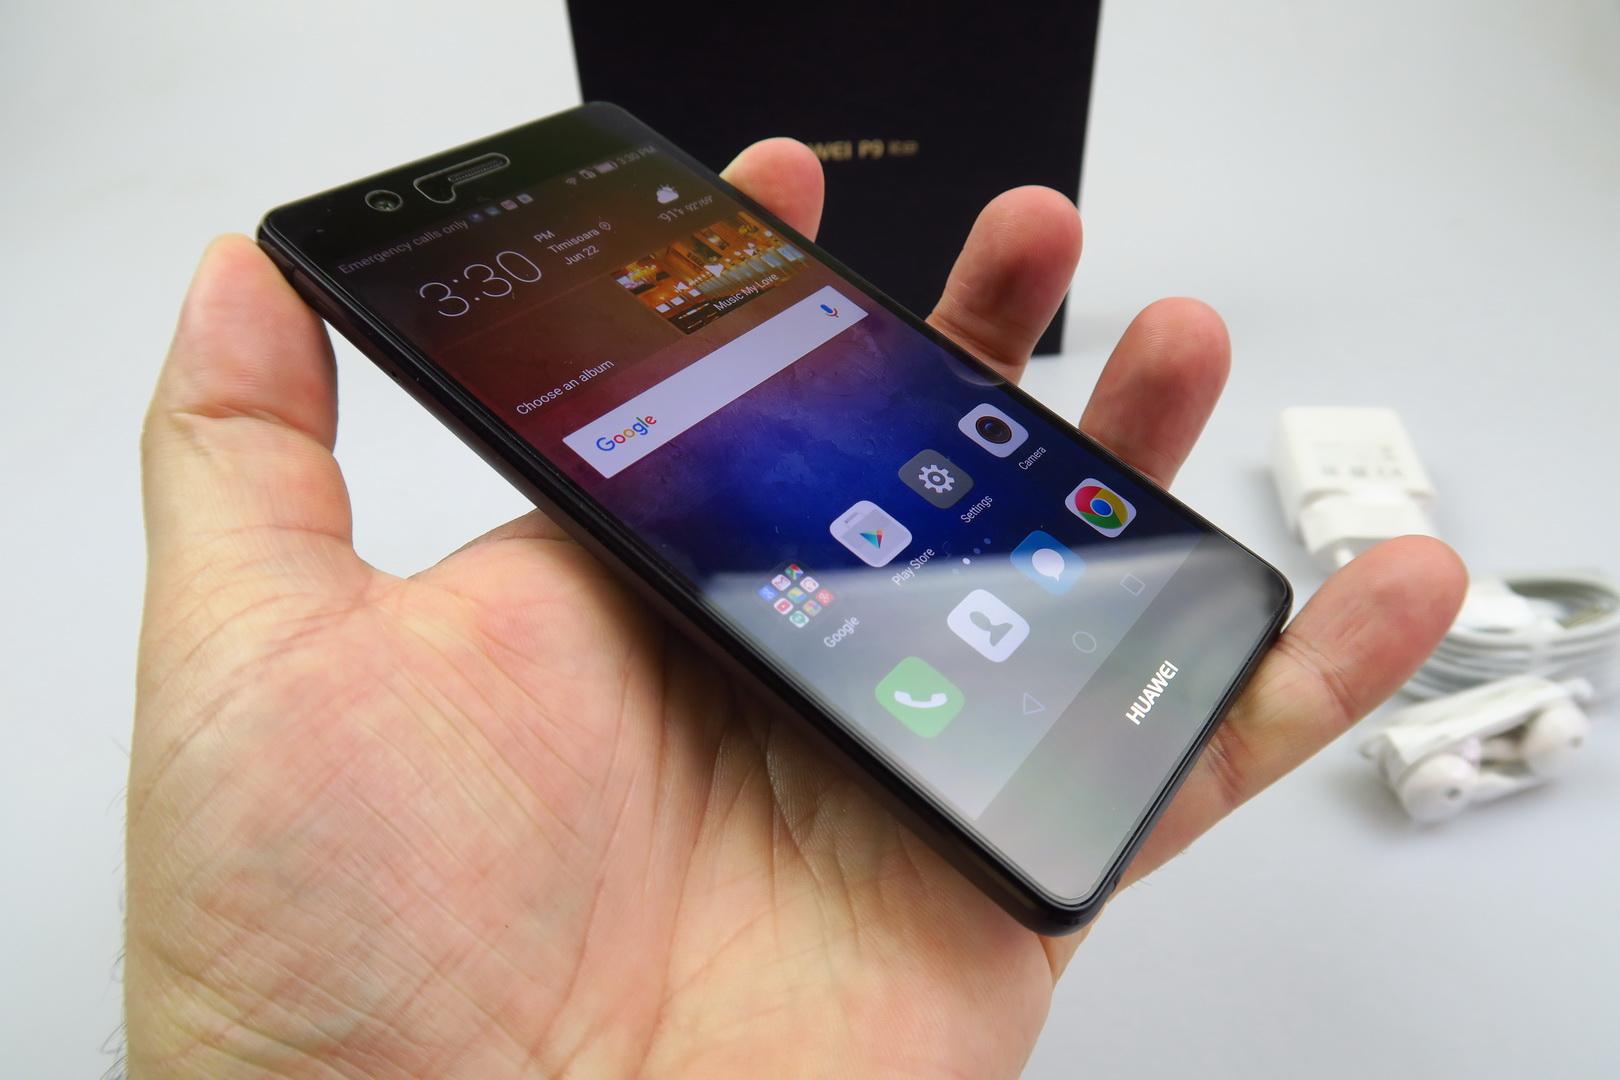 huawei p9 lite unboxing one of the lightest phones i 39 ve felt video. Black Bedroom Furniture Sets. Home Design Ideas